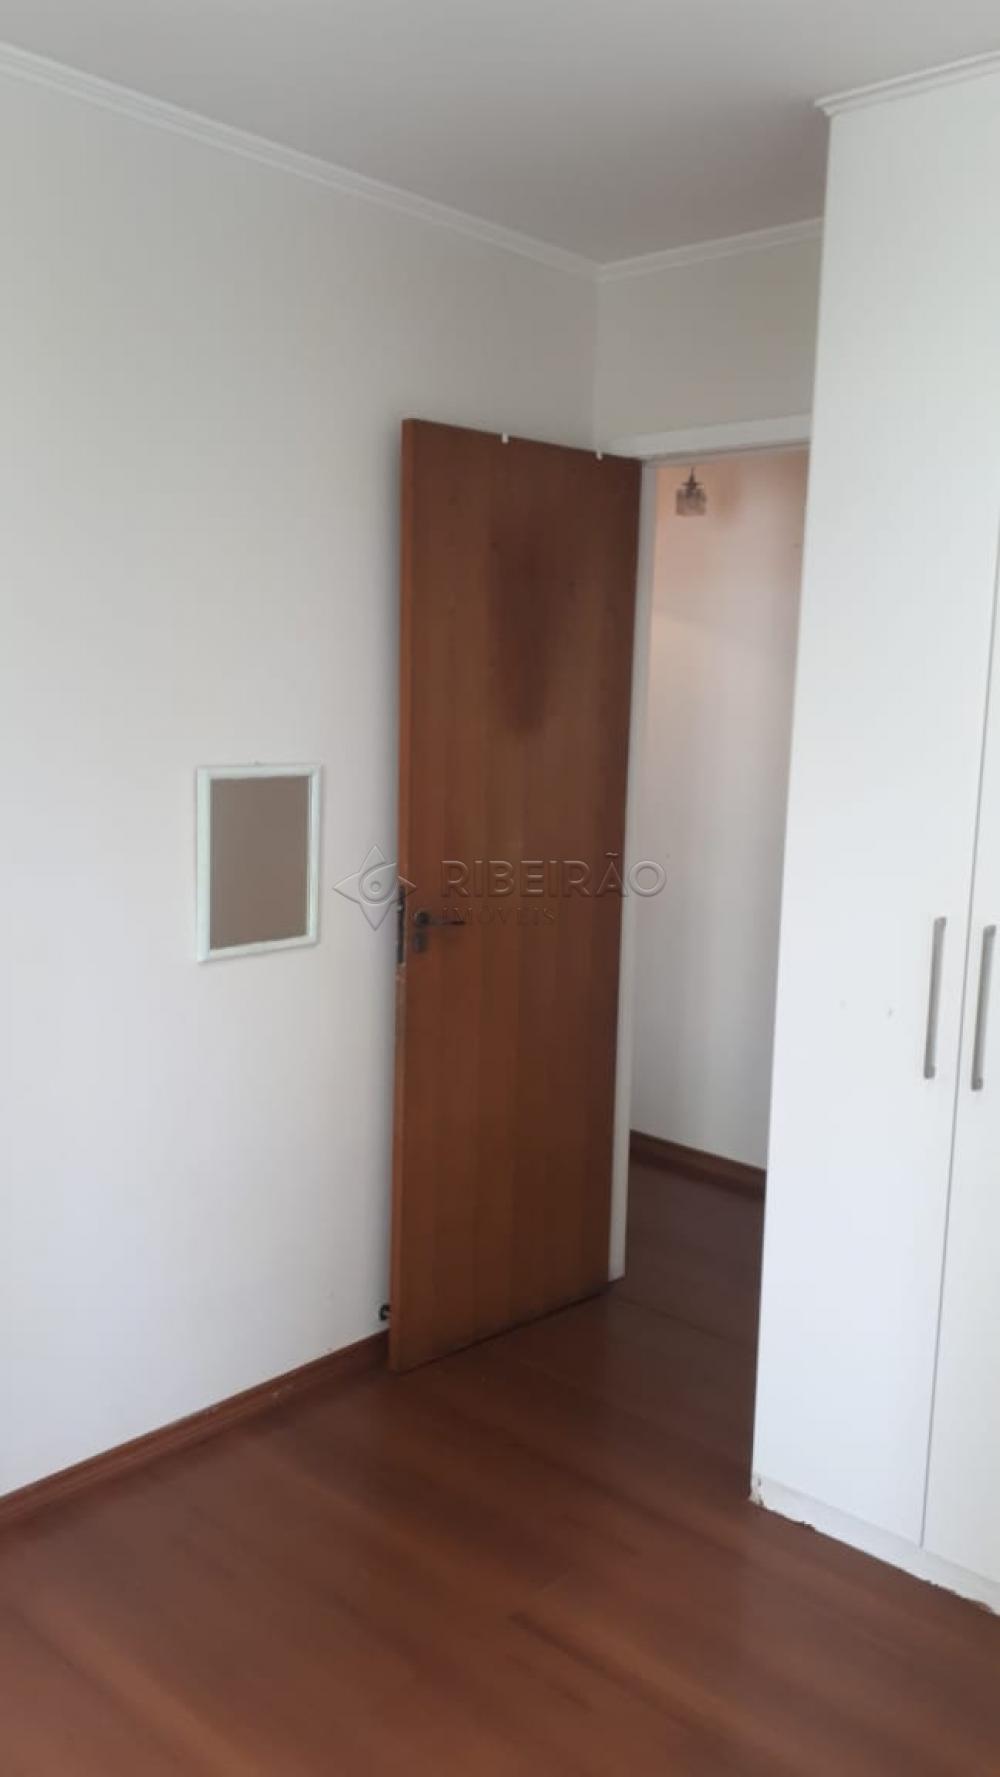 Comprar Apartamento / Padrão em São Paulo R$ 720.000,00 - Foto 11